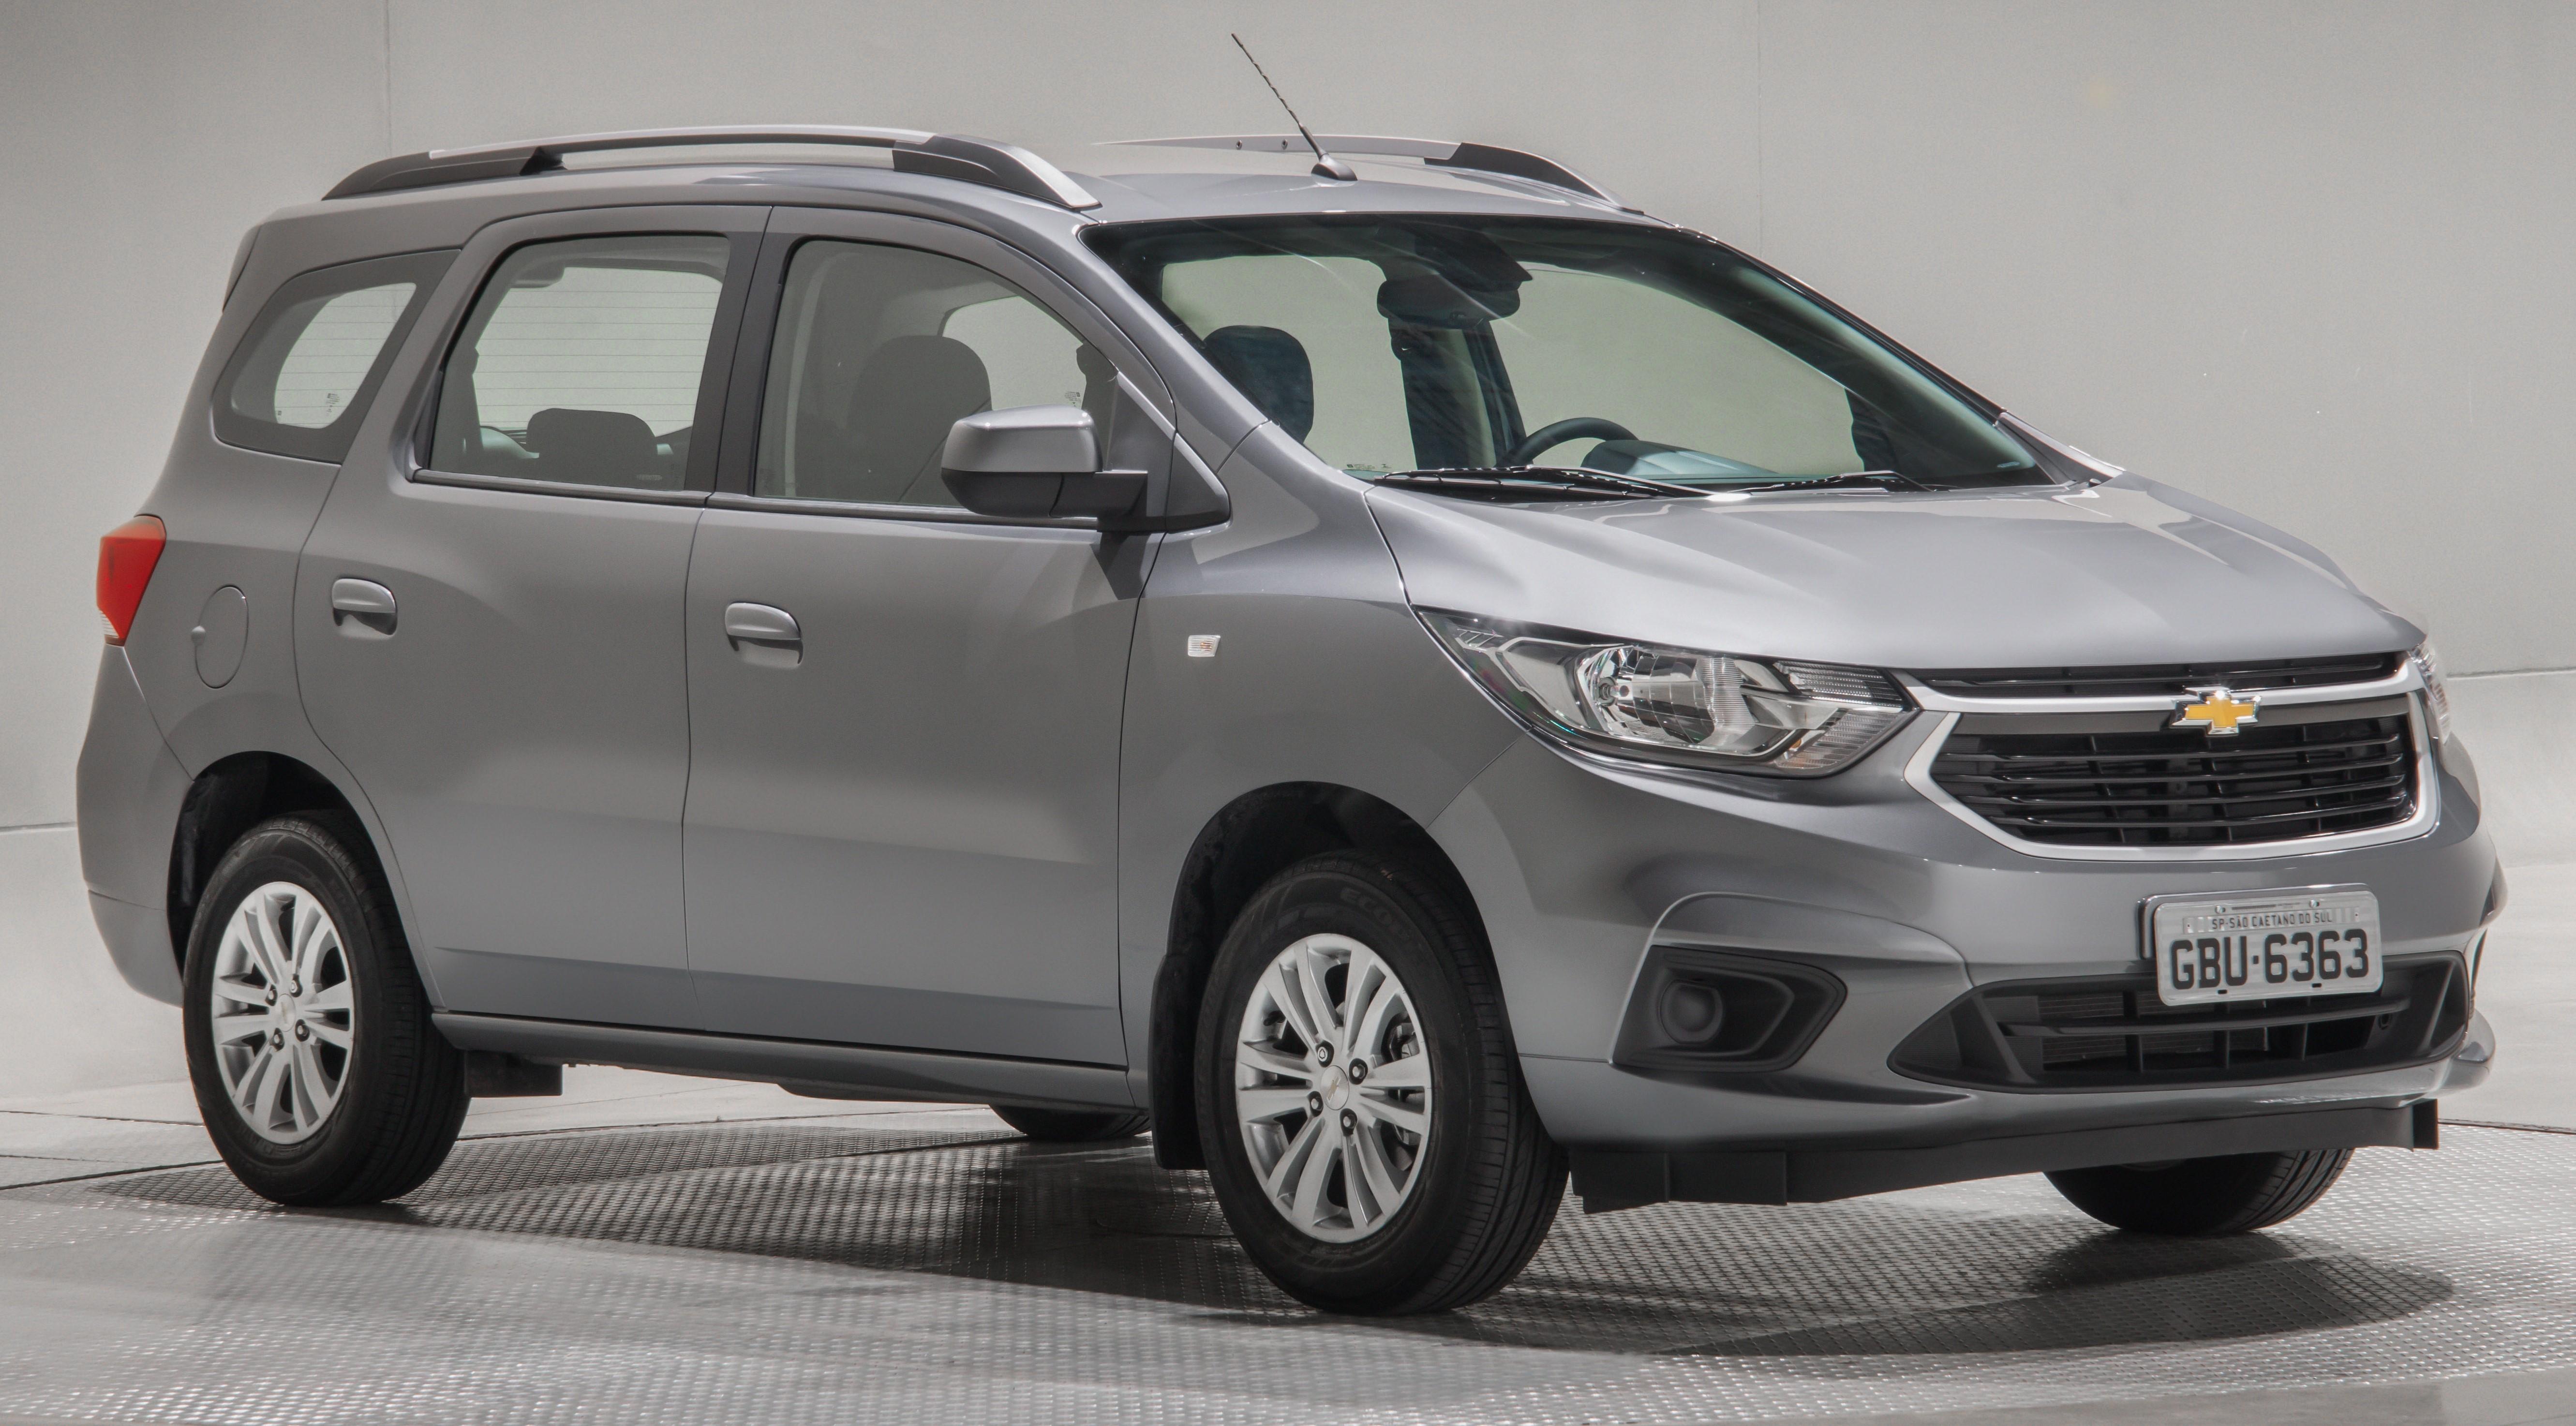 Chevrolet Spin estreia versão para portadores de necessidades especiais, com câmbio automático